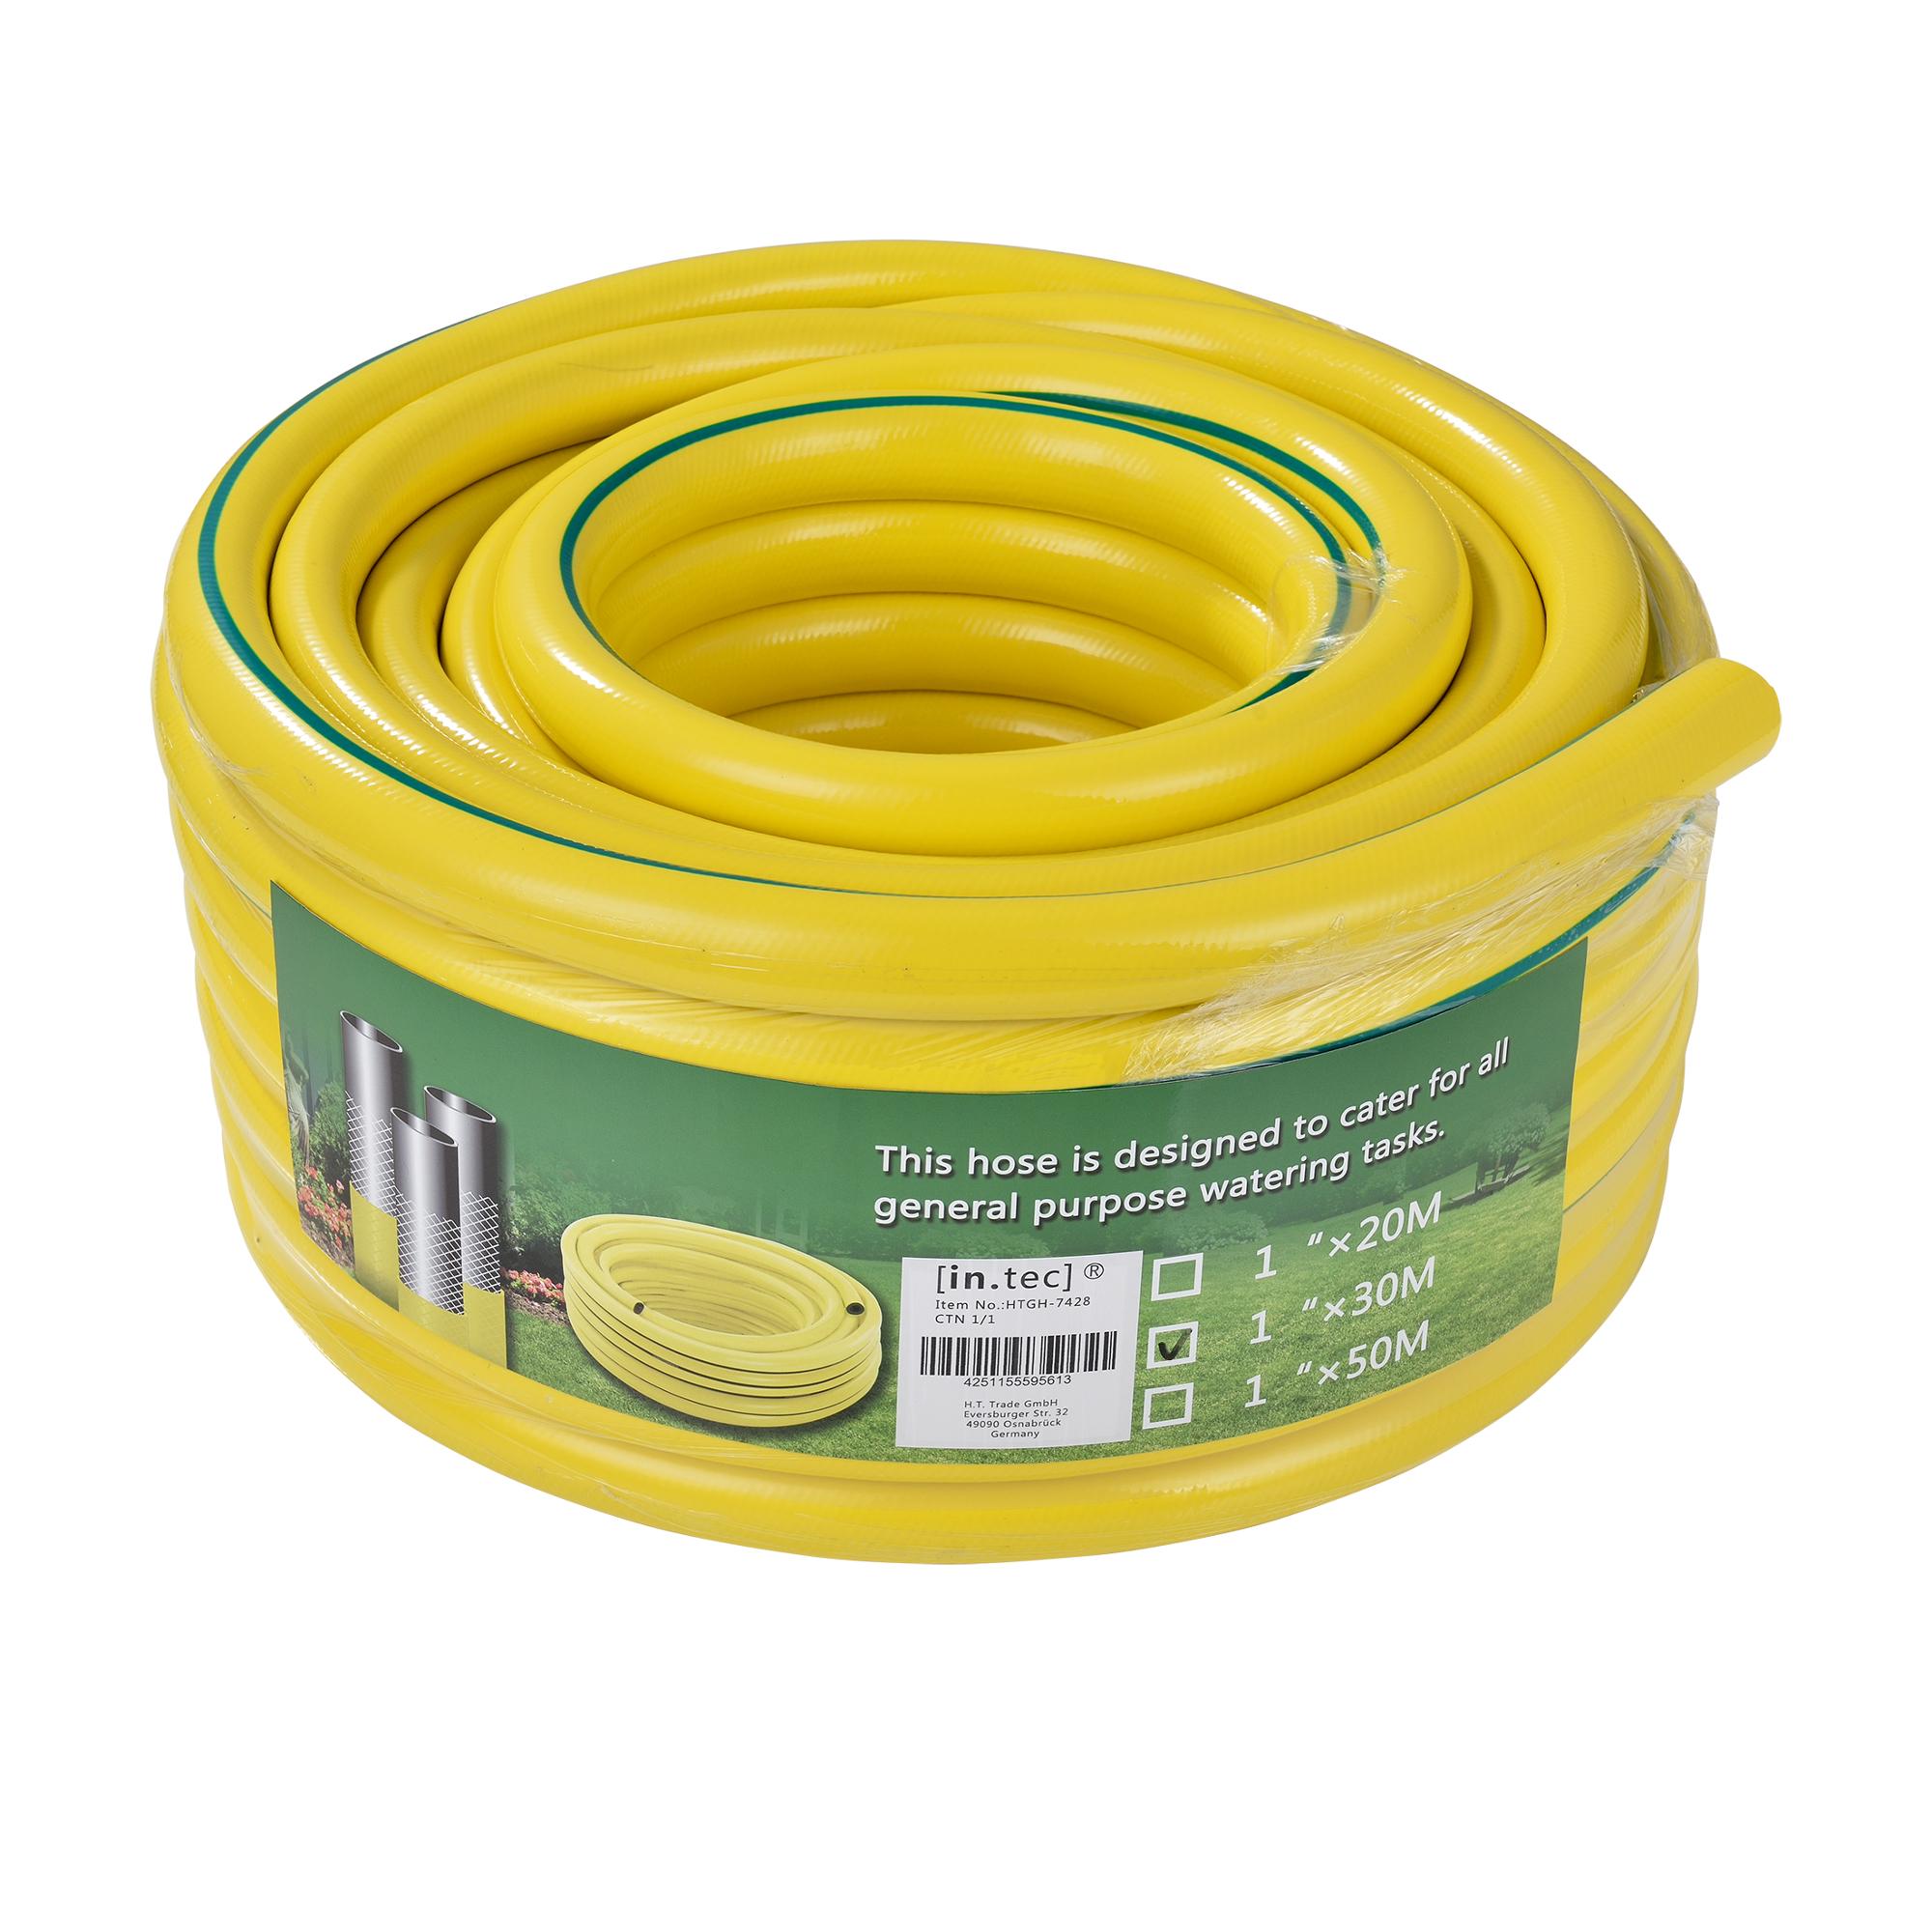 [in.tec]® zahradní hadice / kropicí hadice,žlutá zelená proužek,30 m